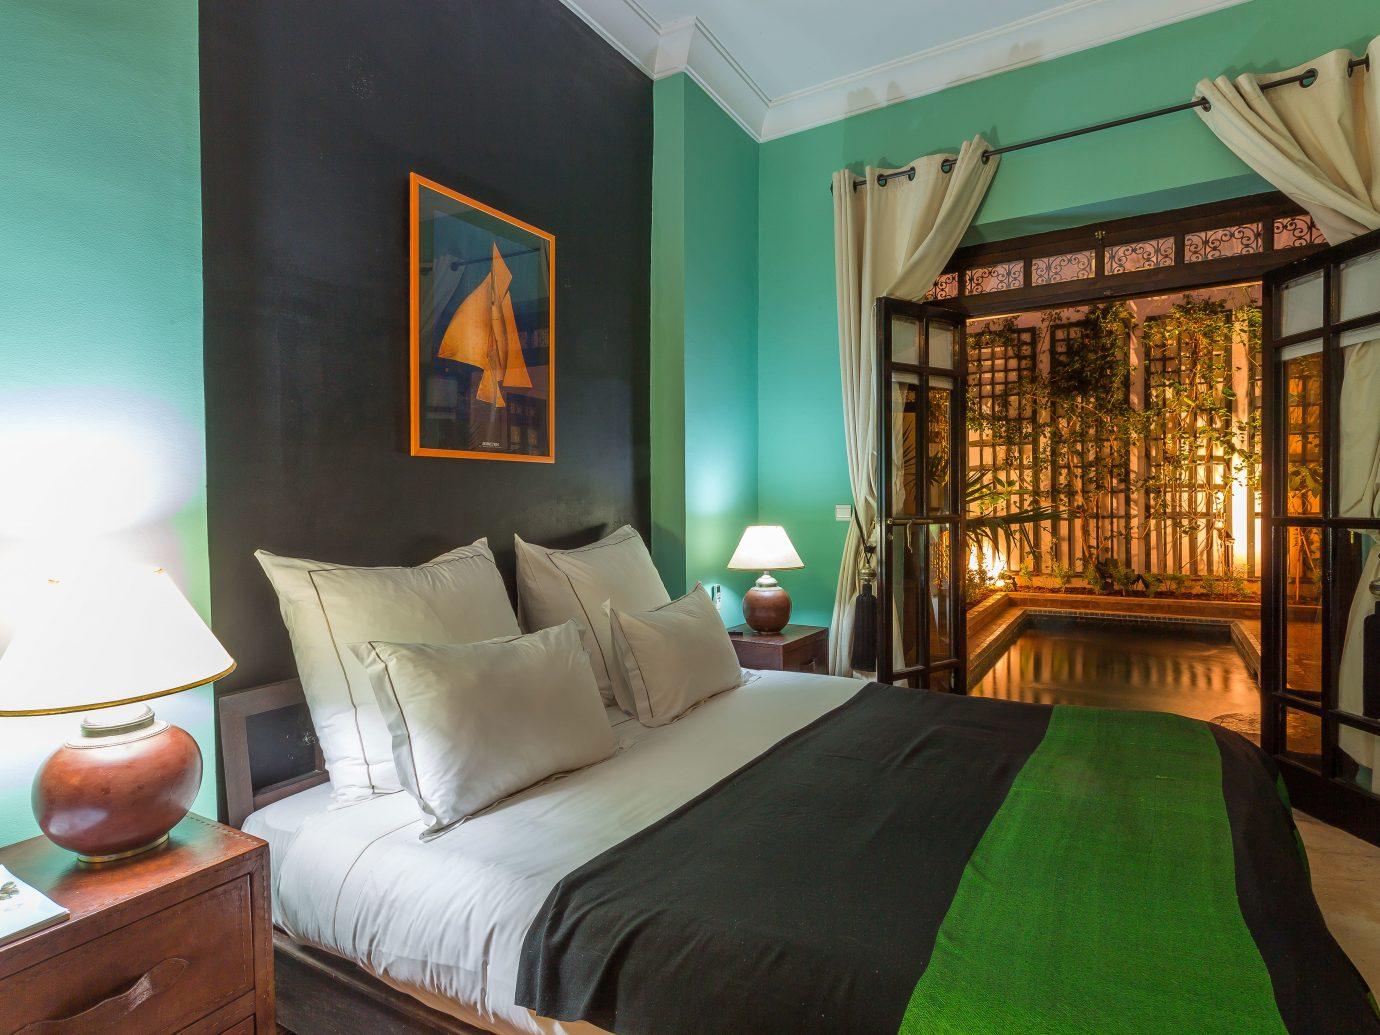 Bedroom Hip Hotels indoor wall room bed green property living room estate home cottage Suite interior design real estate Villa hotel decorated furniture